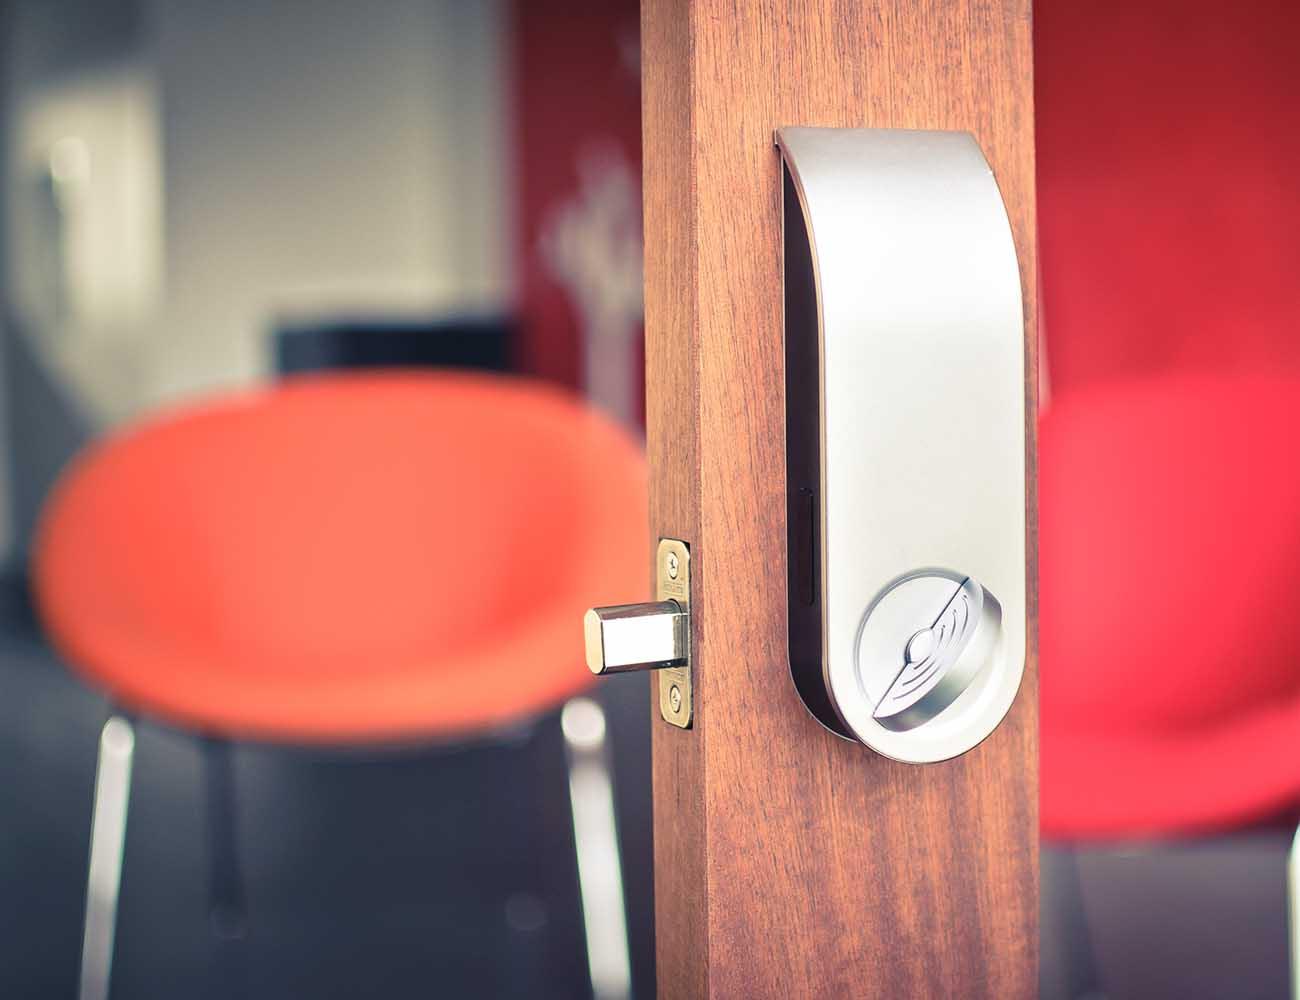 App-Enabled+Smart+Door+Lock+By+Bekey